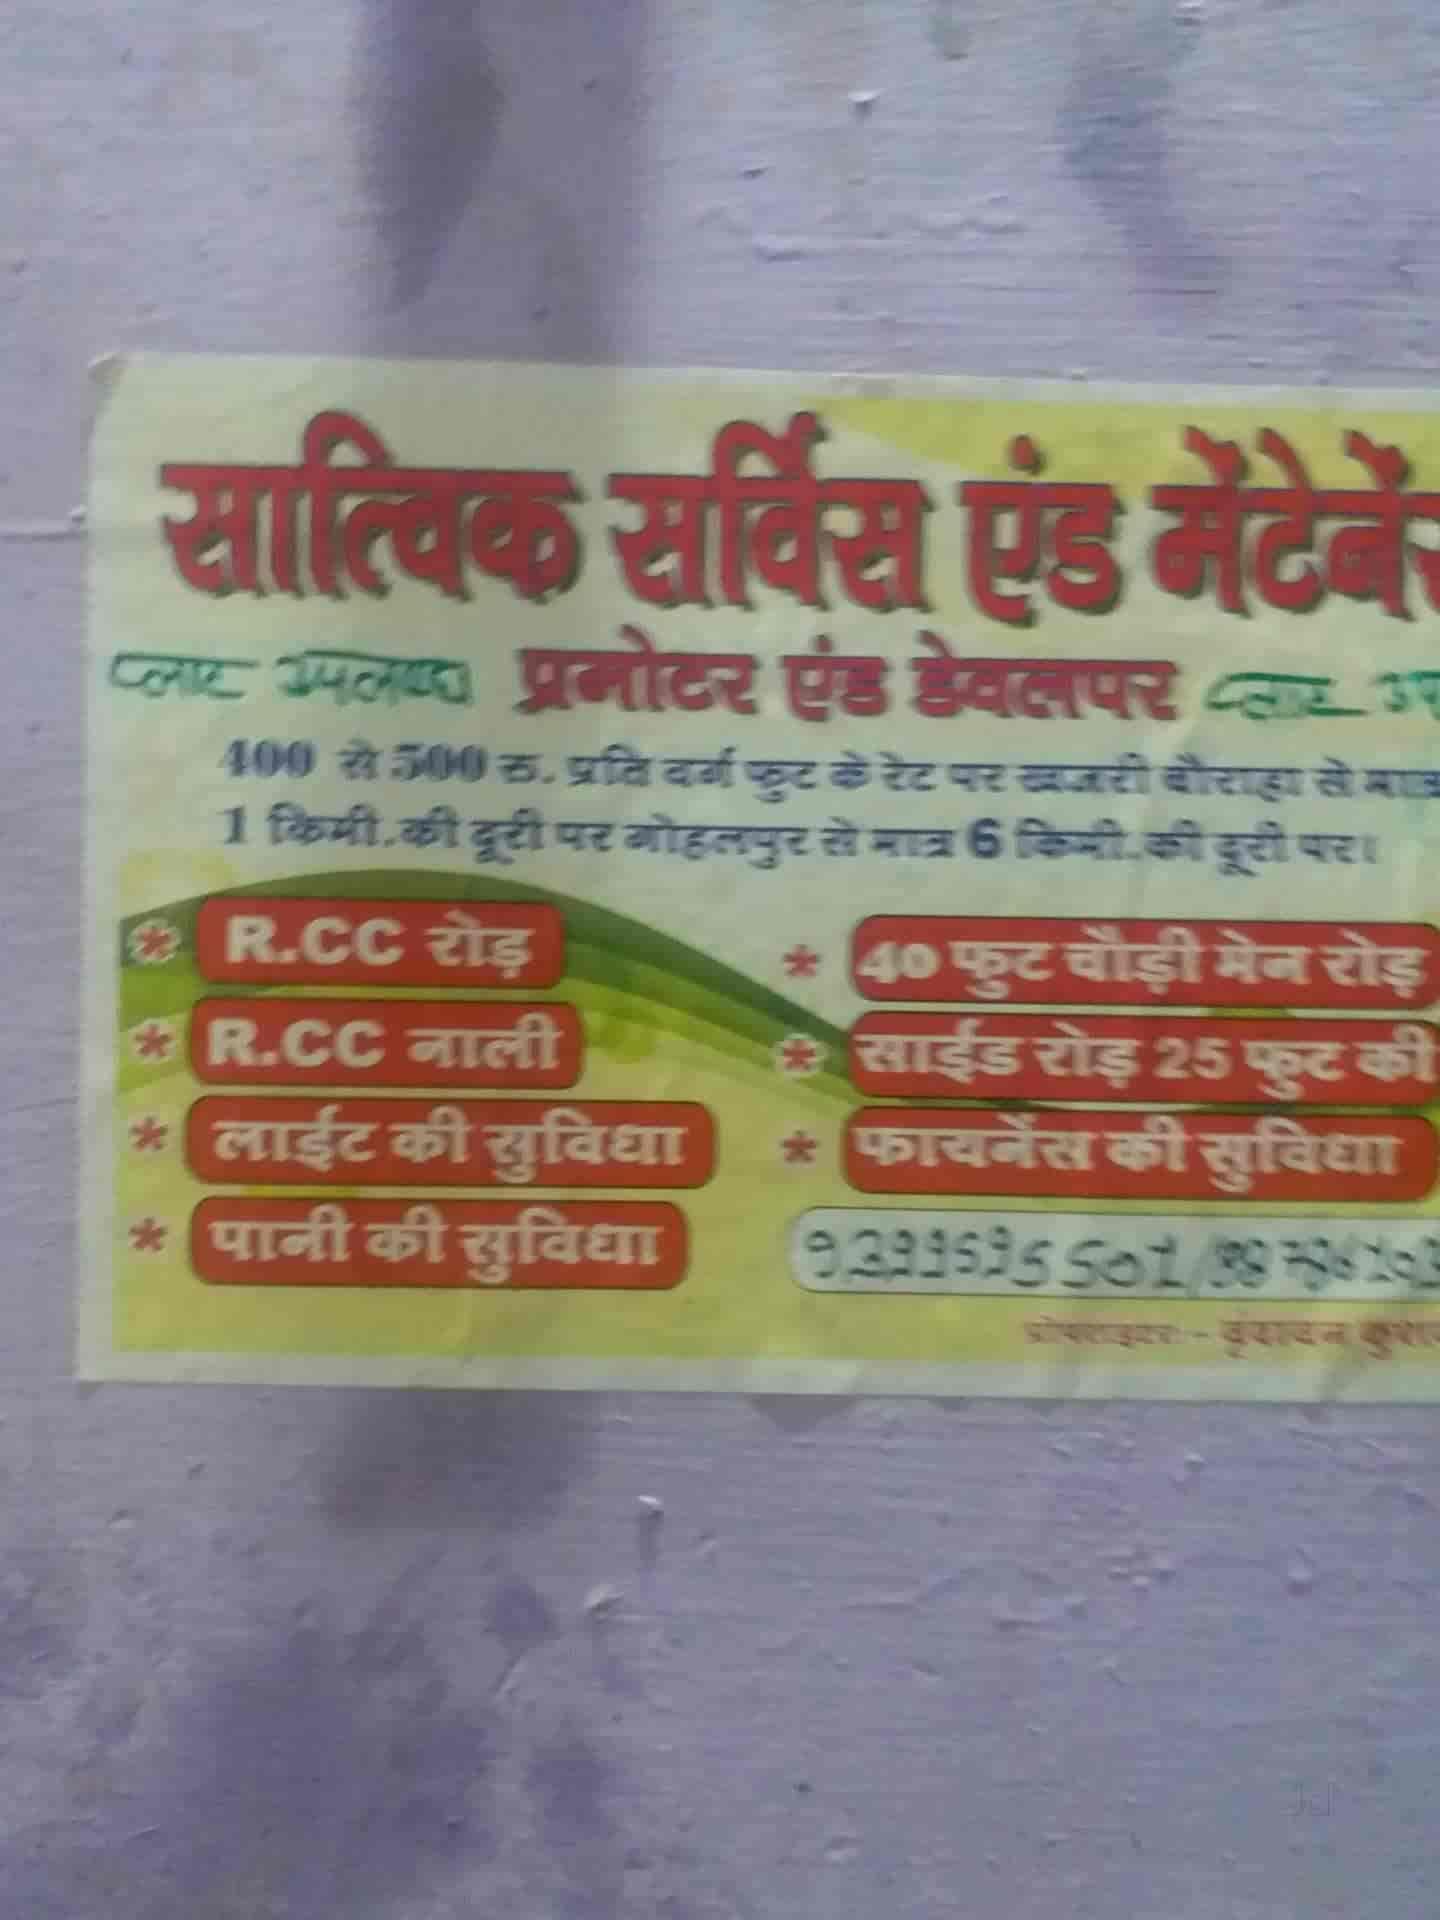 Sustik Service  & Maintenance, Gohalpur